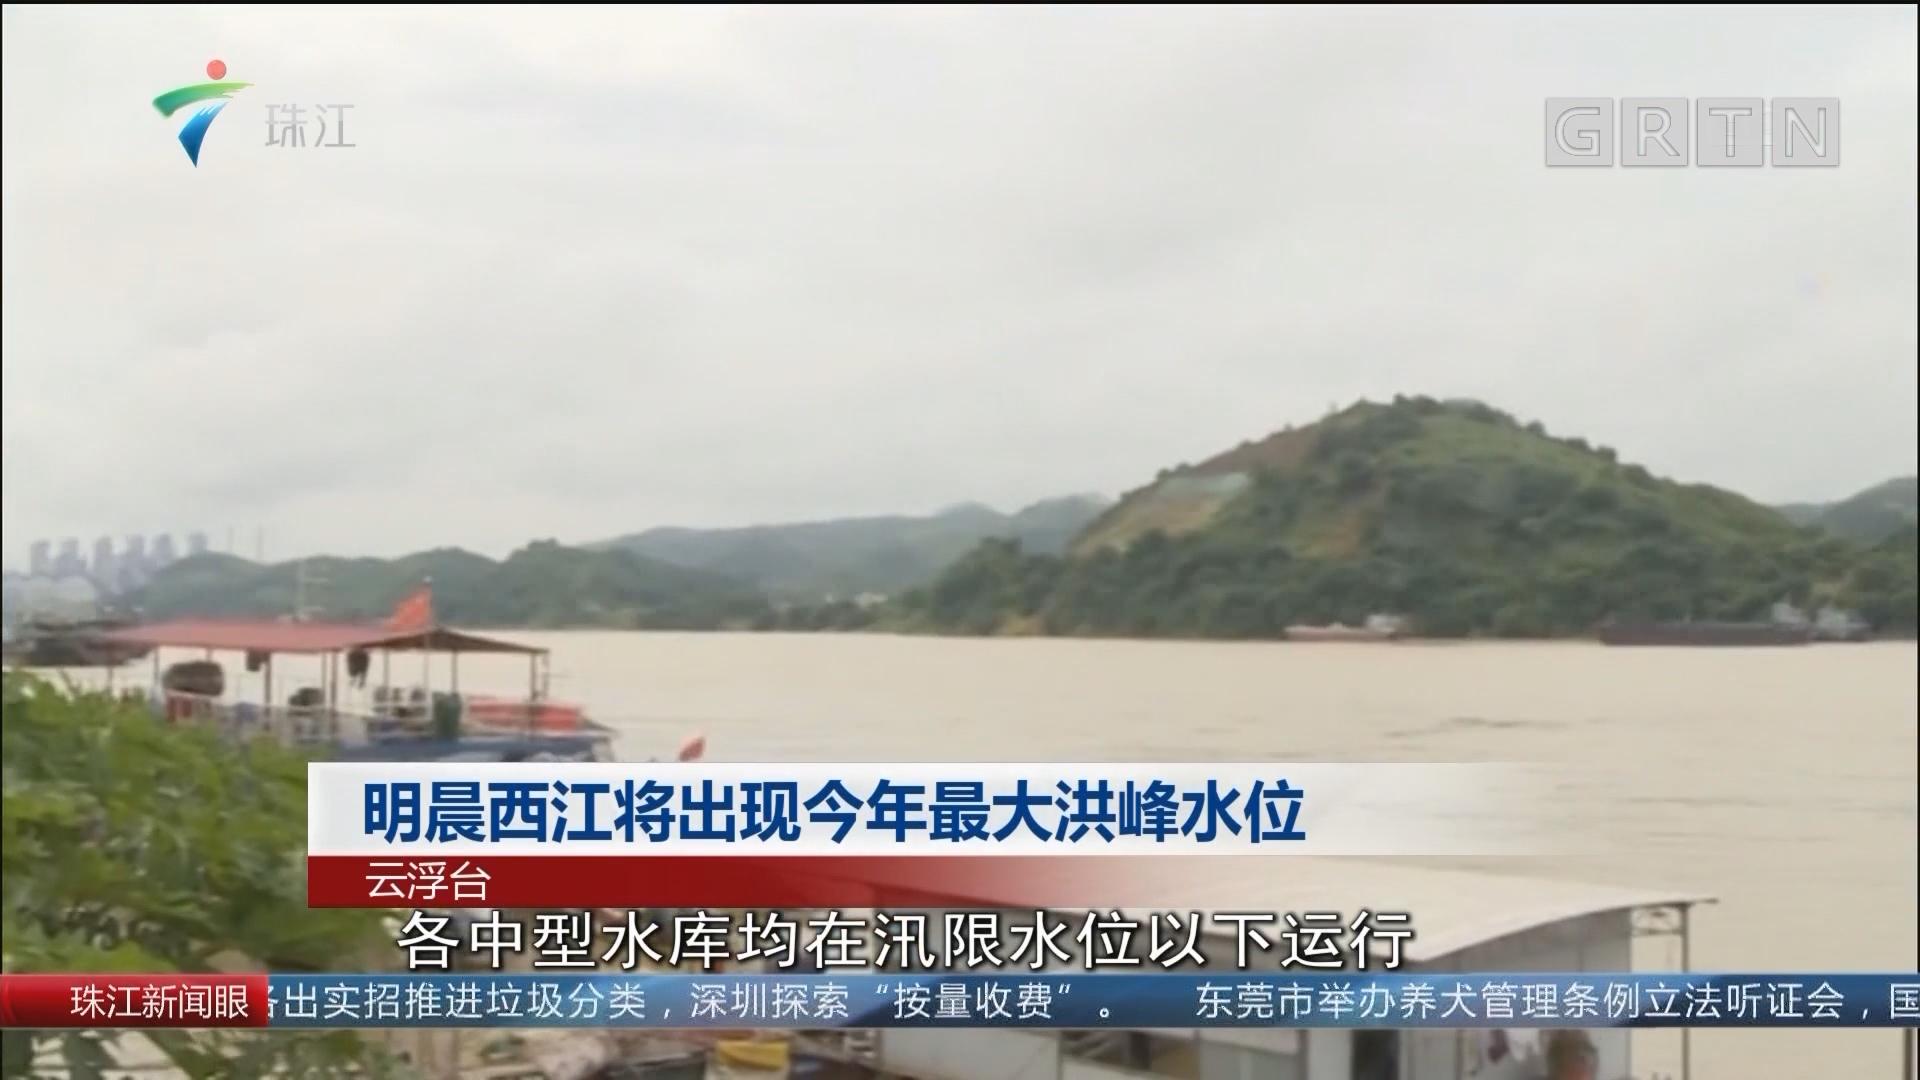 明晨西江将出现今年最大洪峰水位